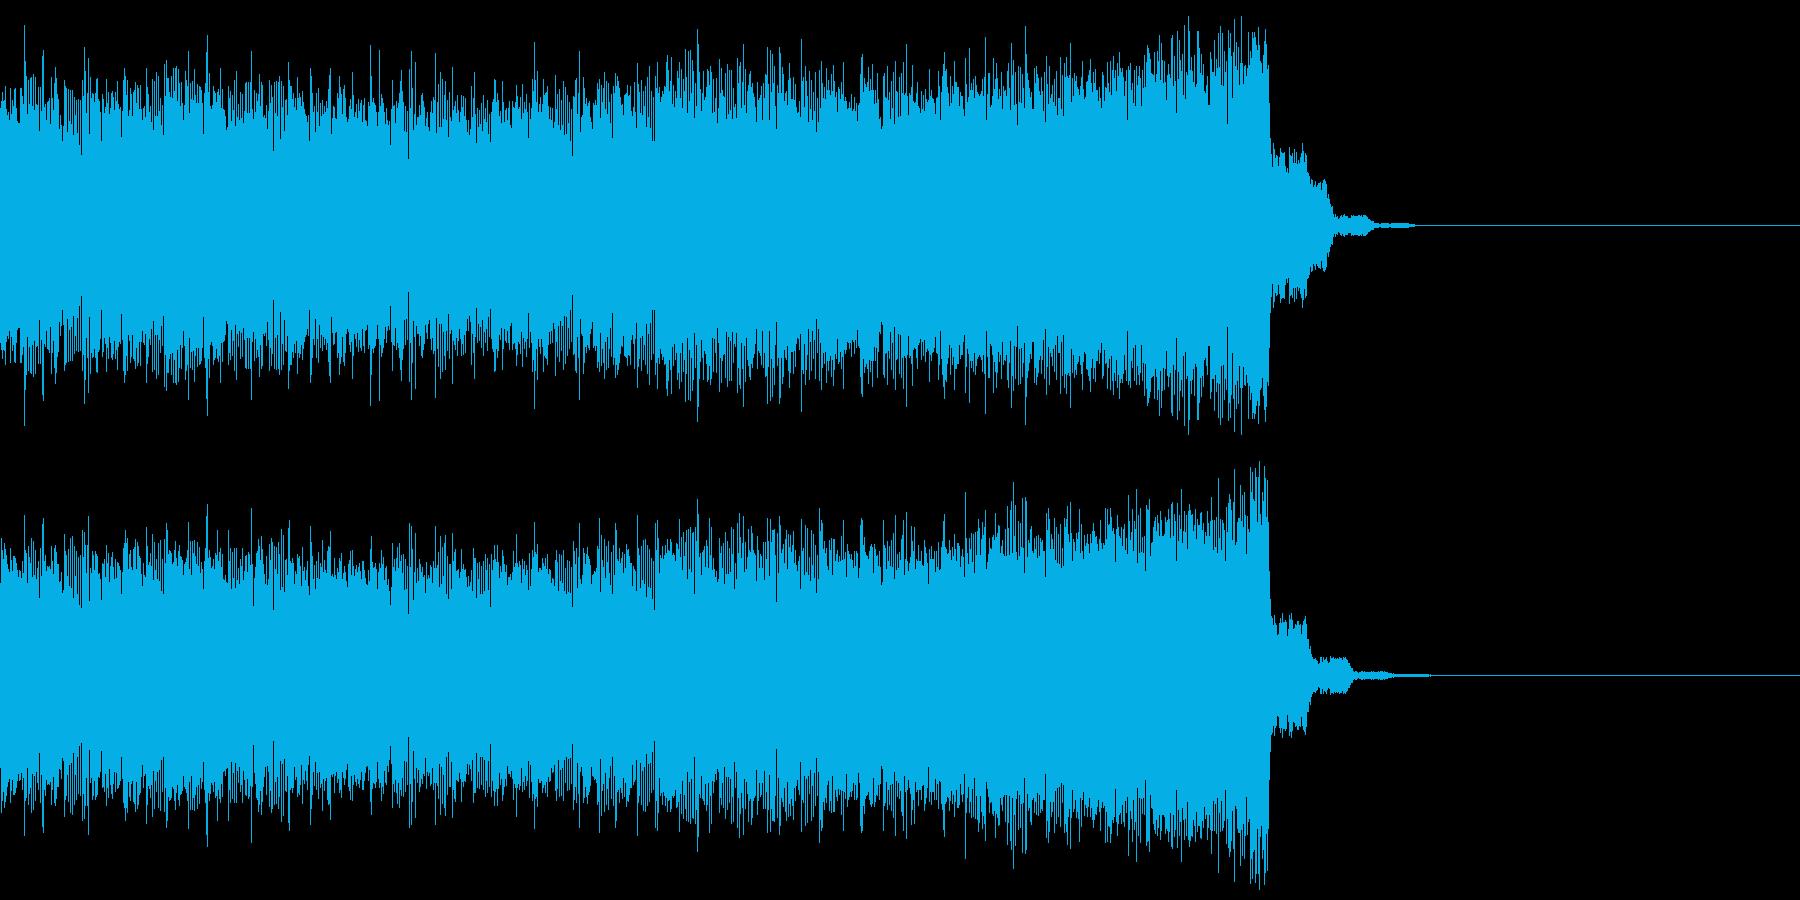 デジタル、CG、SFX等の映像ショート⑰の再生済みの波形